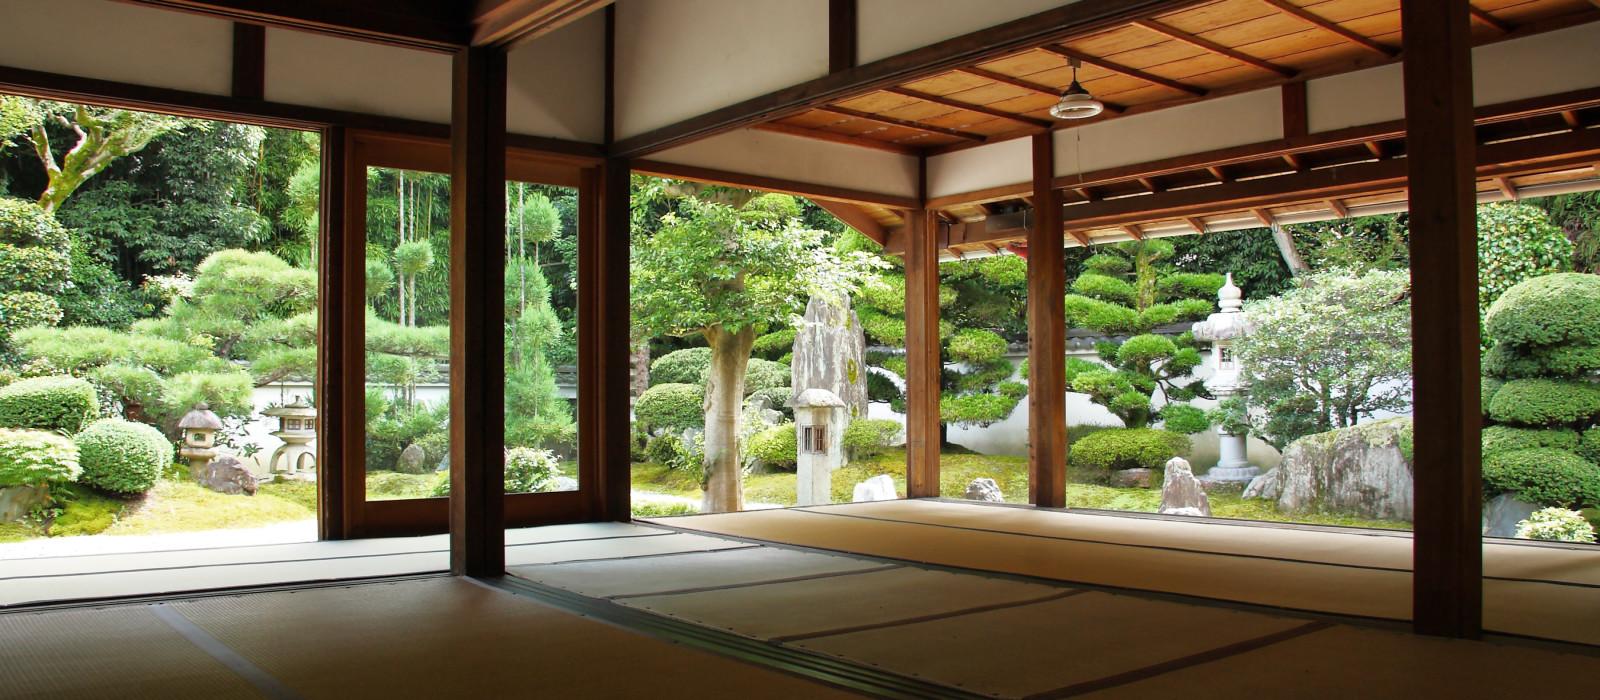 Kyoto: Blick auf den japanischen Garten von einem Tempel aus, Tofuku-ji, Japan